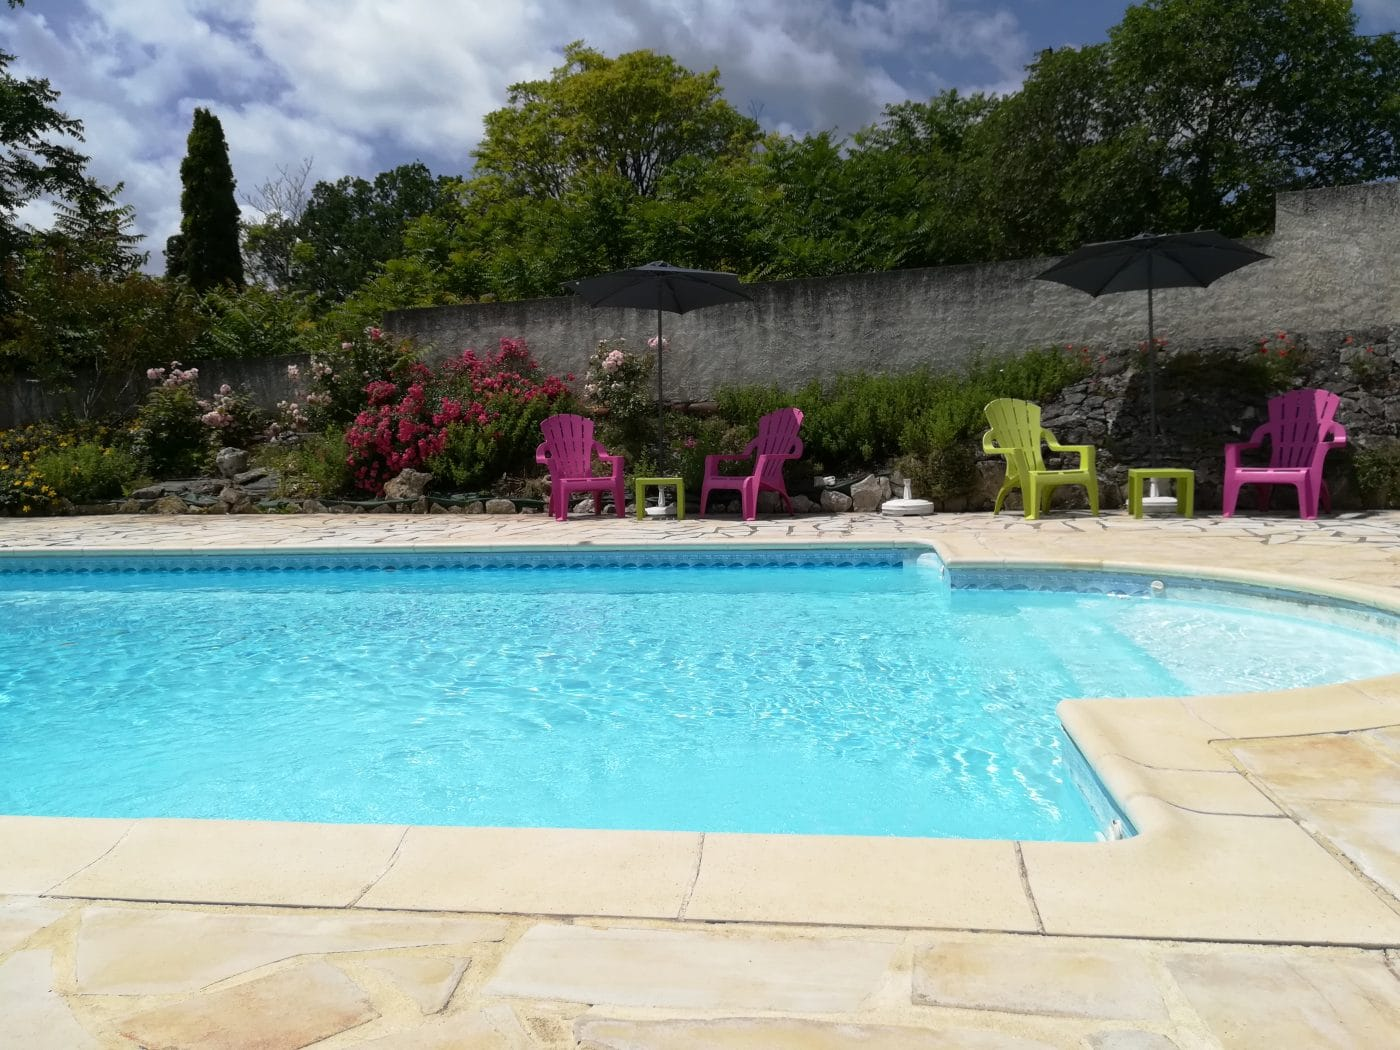 spa jacuzzi piscine lot dordogne détente famille